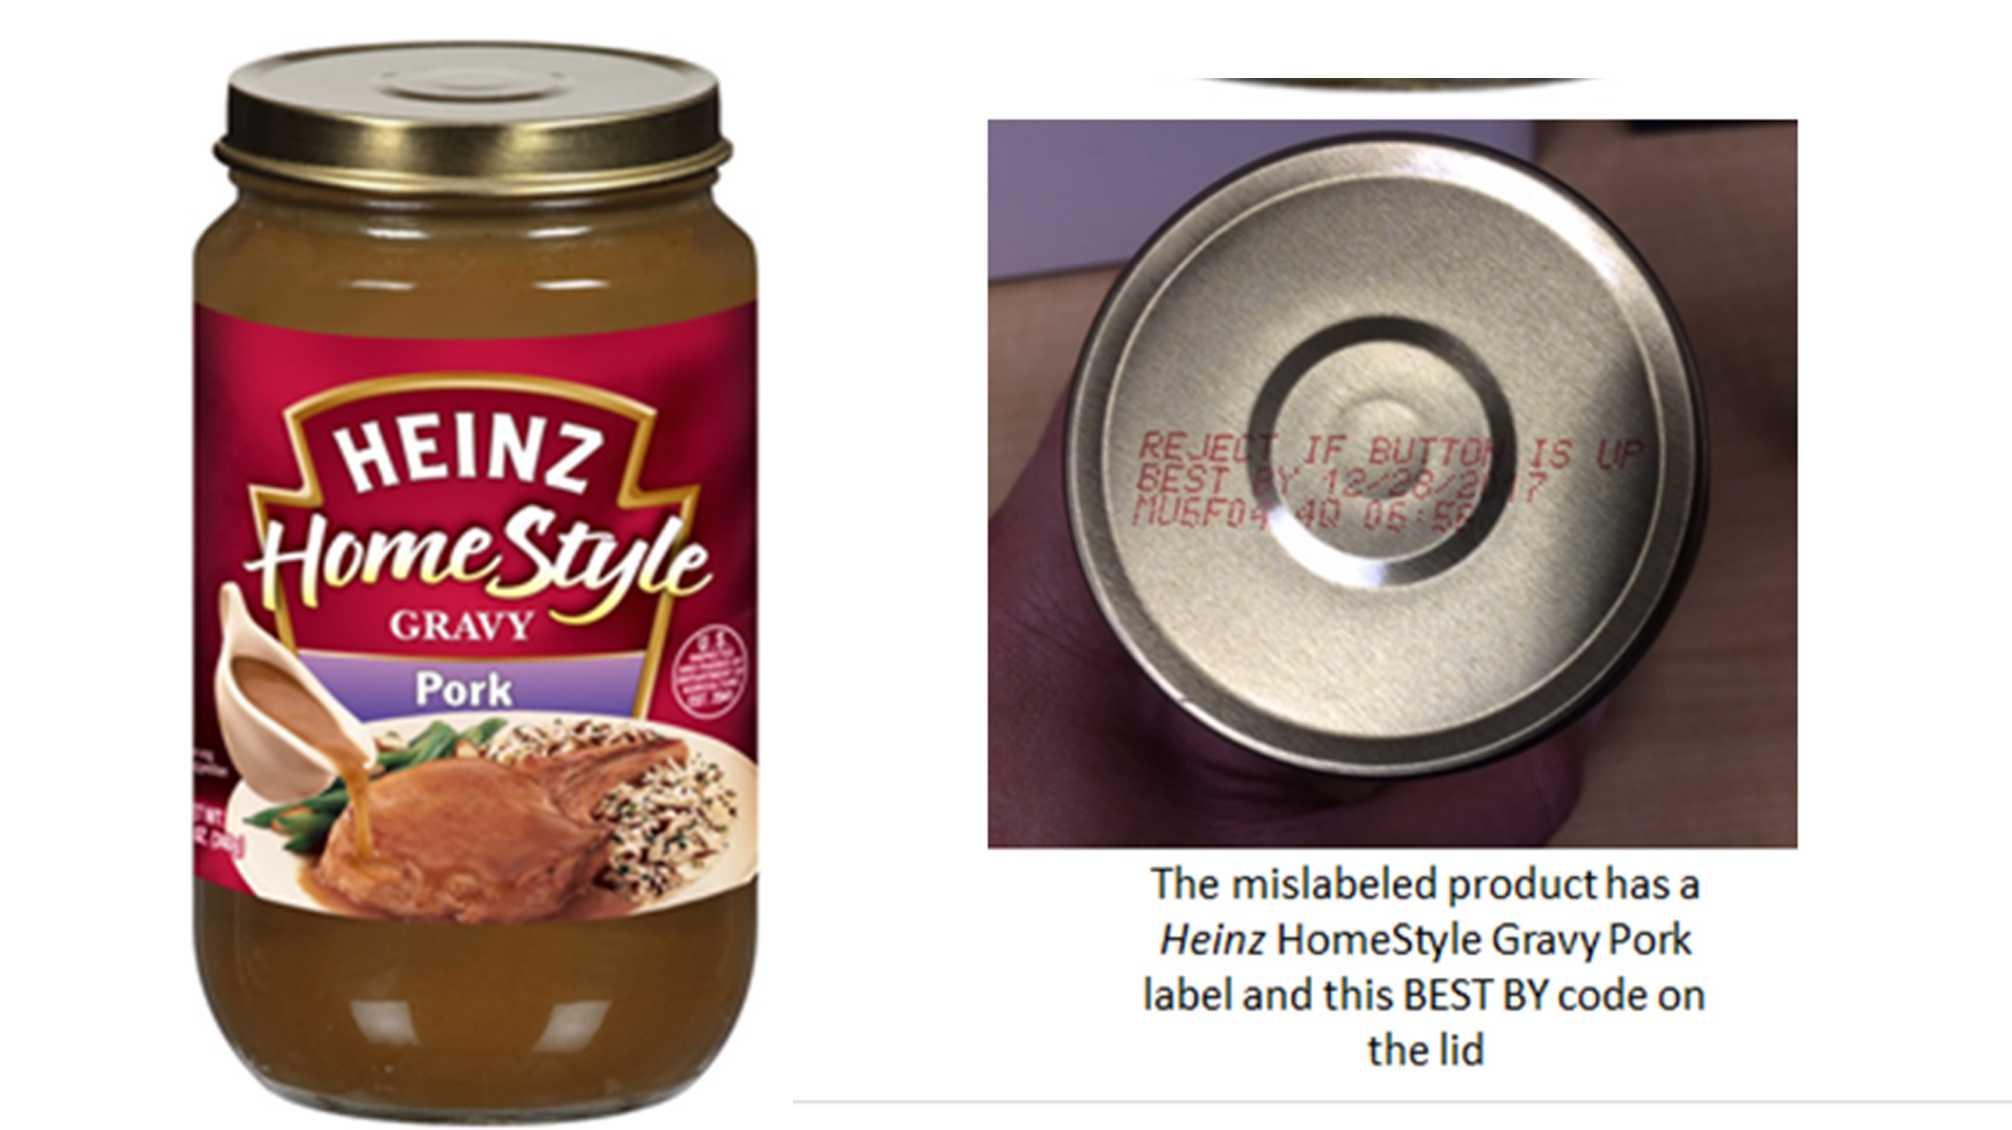 Heinz recalls jars of gravy